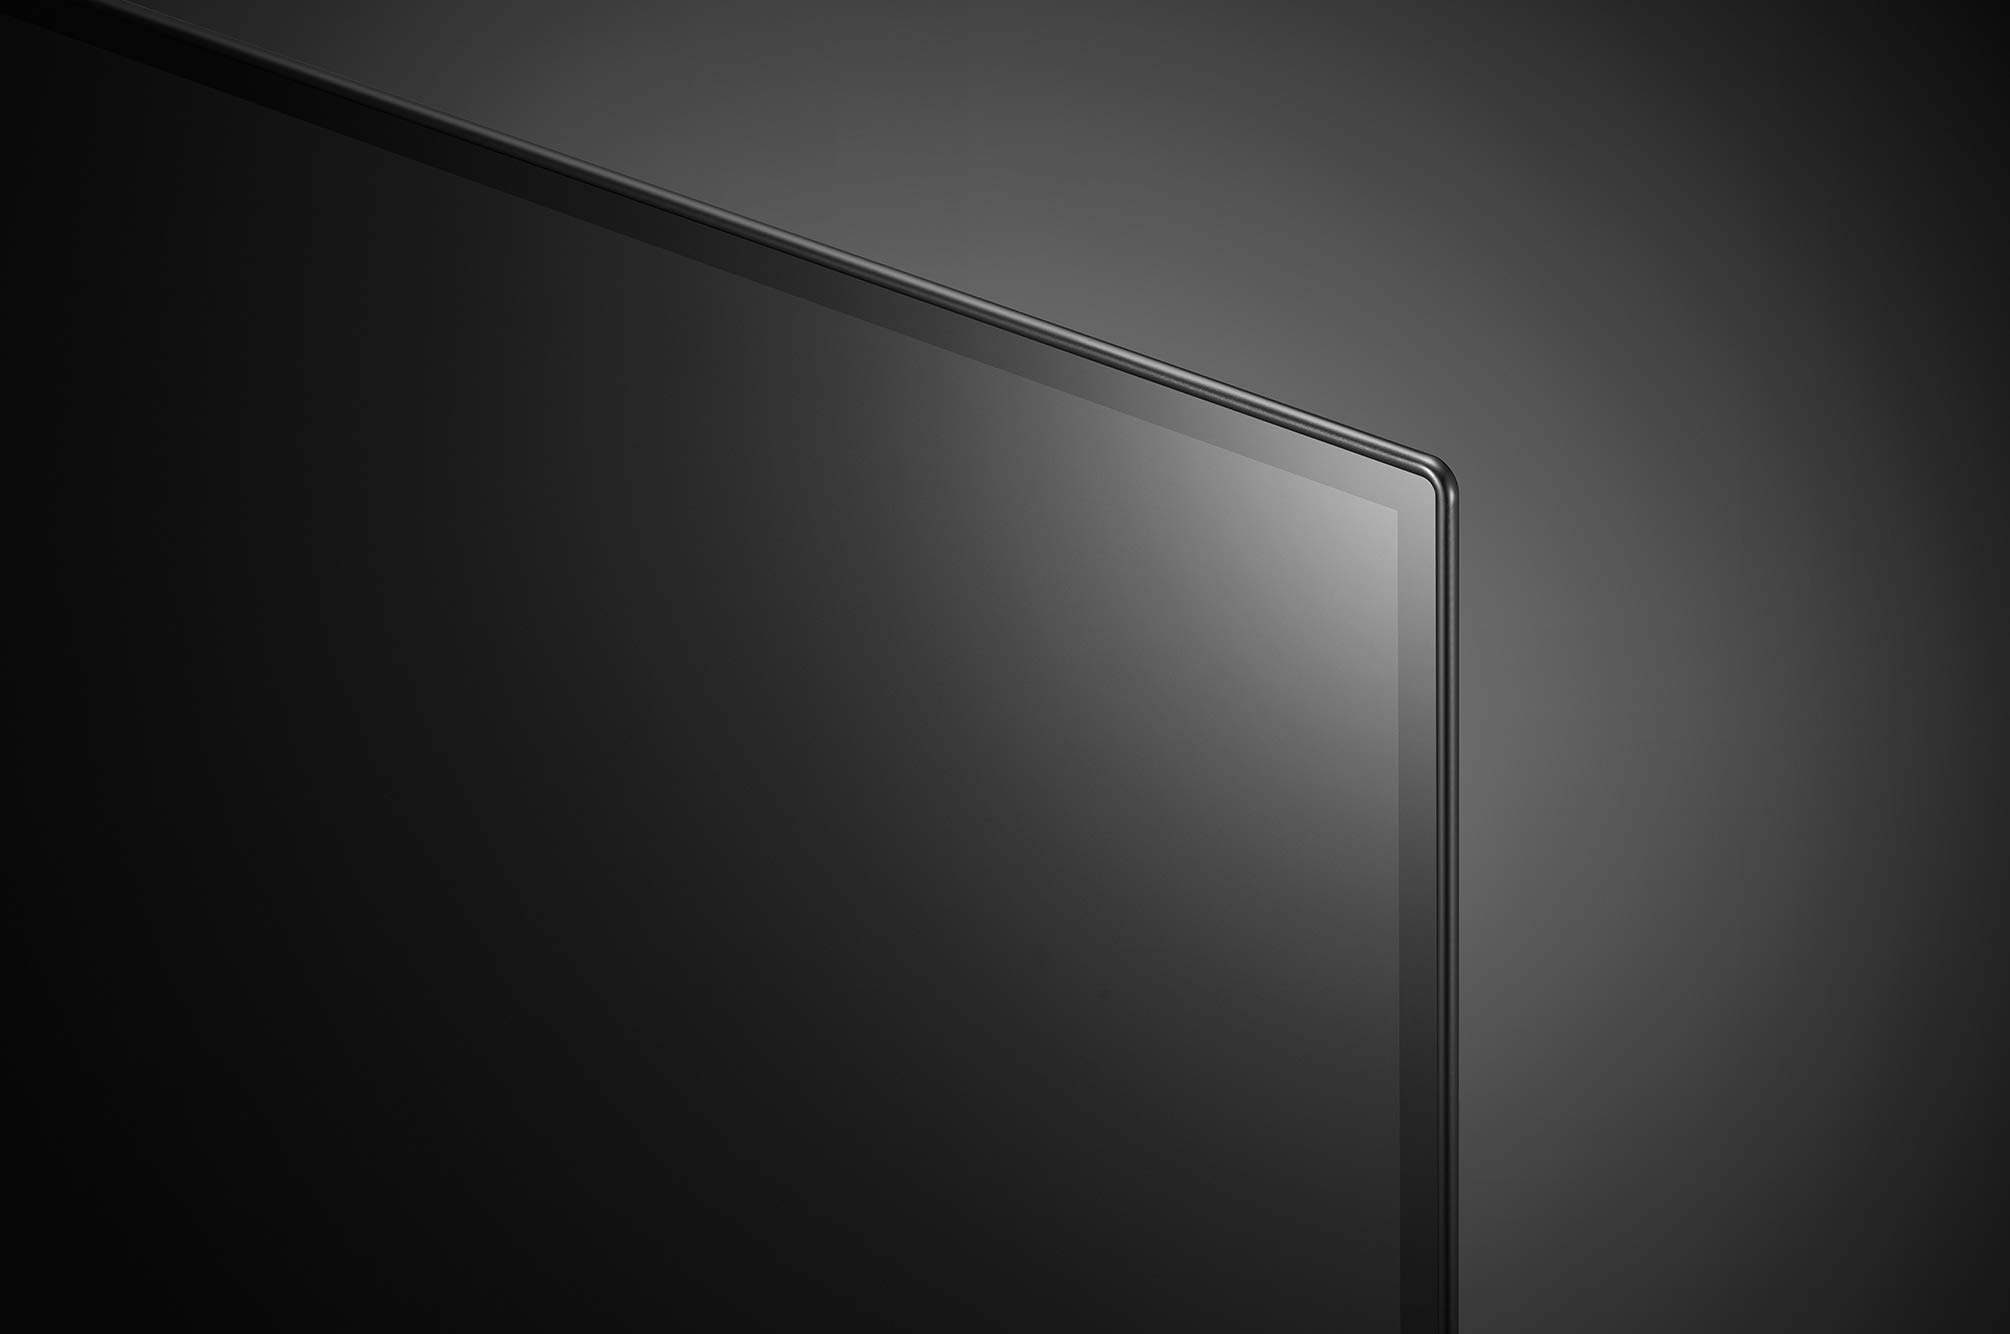 טלוויזיה 77 אינץ' דגם OLED 77C1PVA  בטכנולוגיית LG 4K Ultra HD אל ג'י - תמונה 9